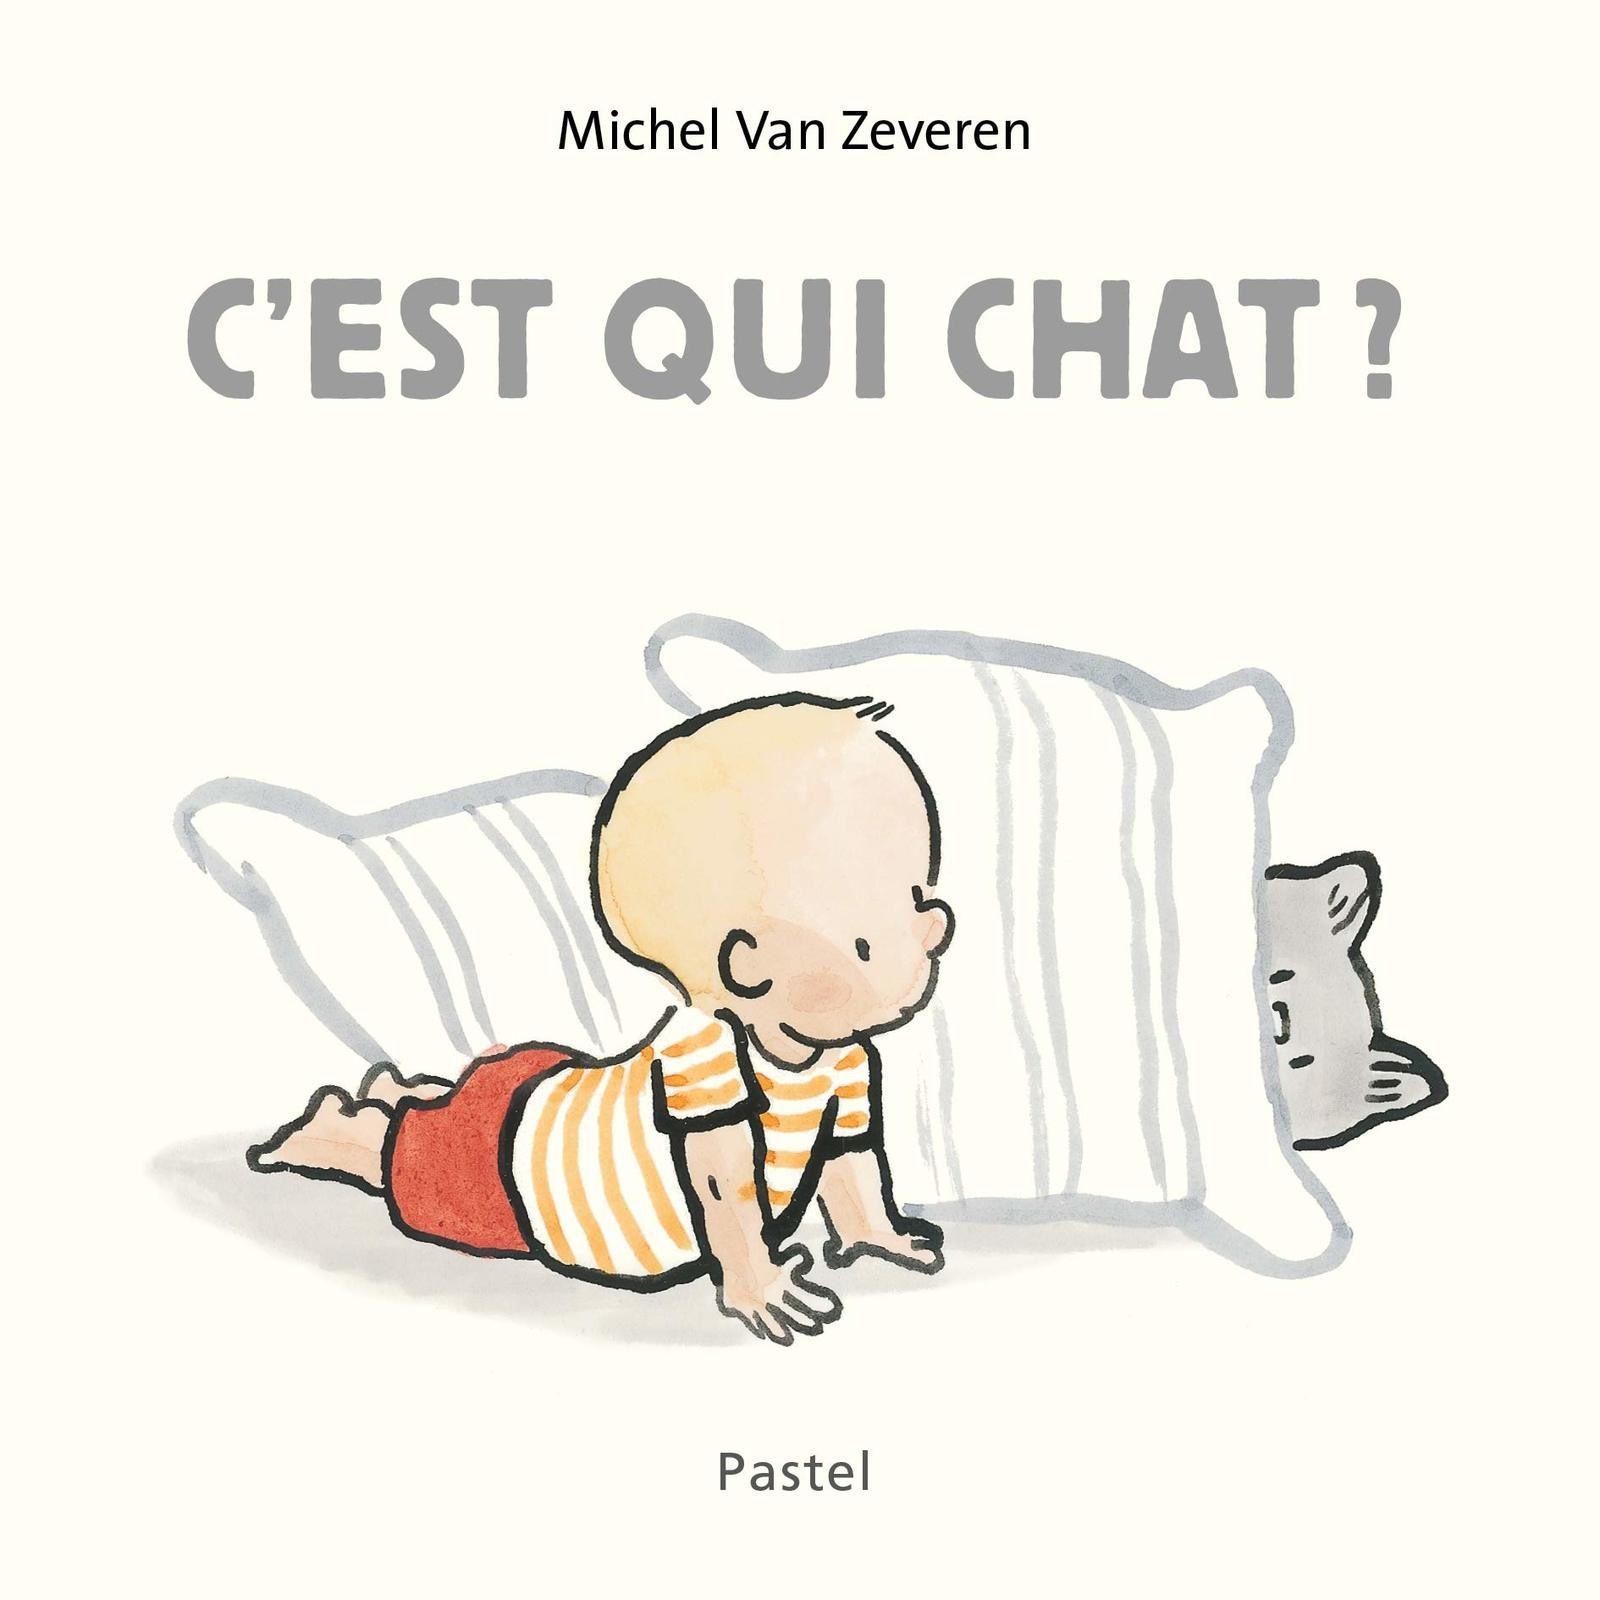 [REVUE LIVRE PAPA GAMEUR] C'EST QUI CHAT ? de Michel VAN ZEVEREN aux éditions L'ECOLE DES LOISIRS